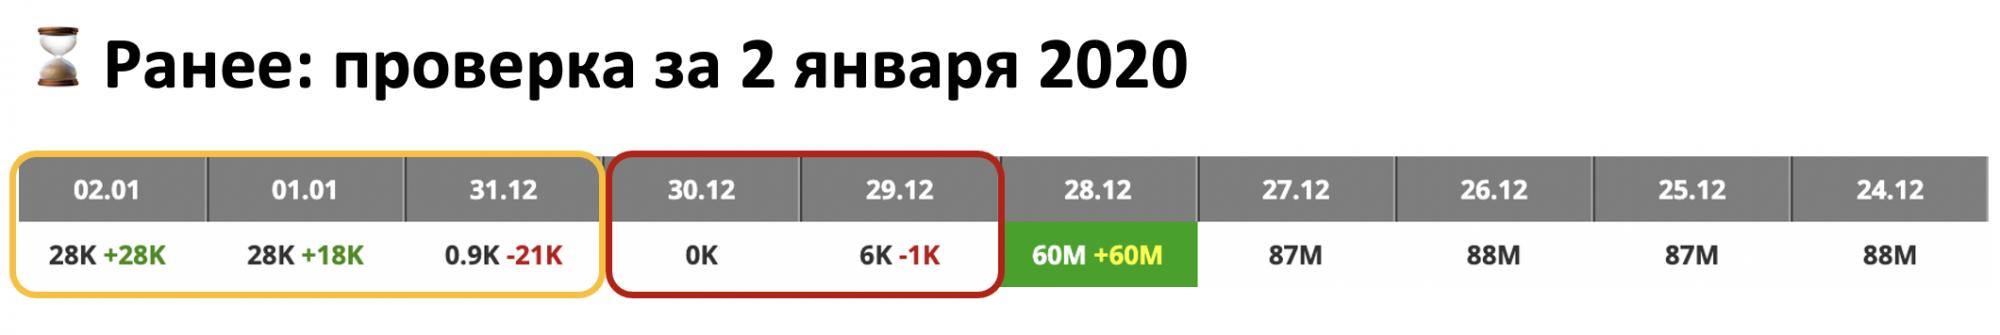 Яндекс изменил логику апдейтов впервые за 8 лет